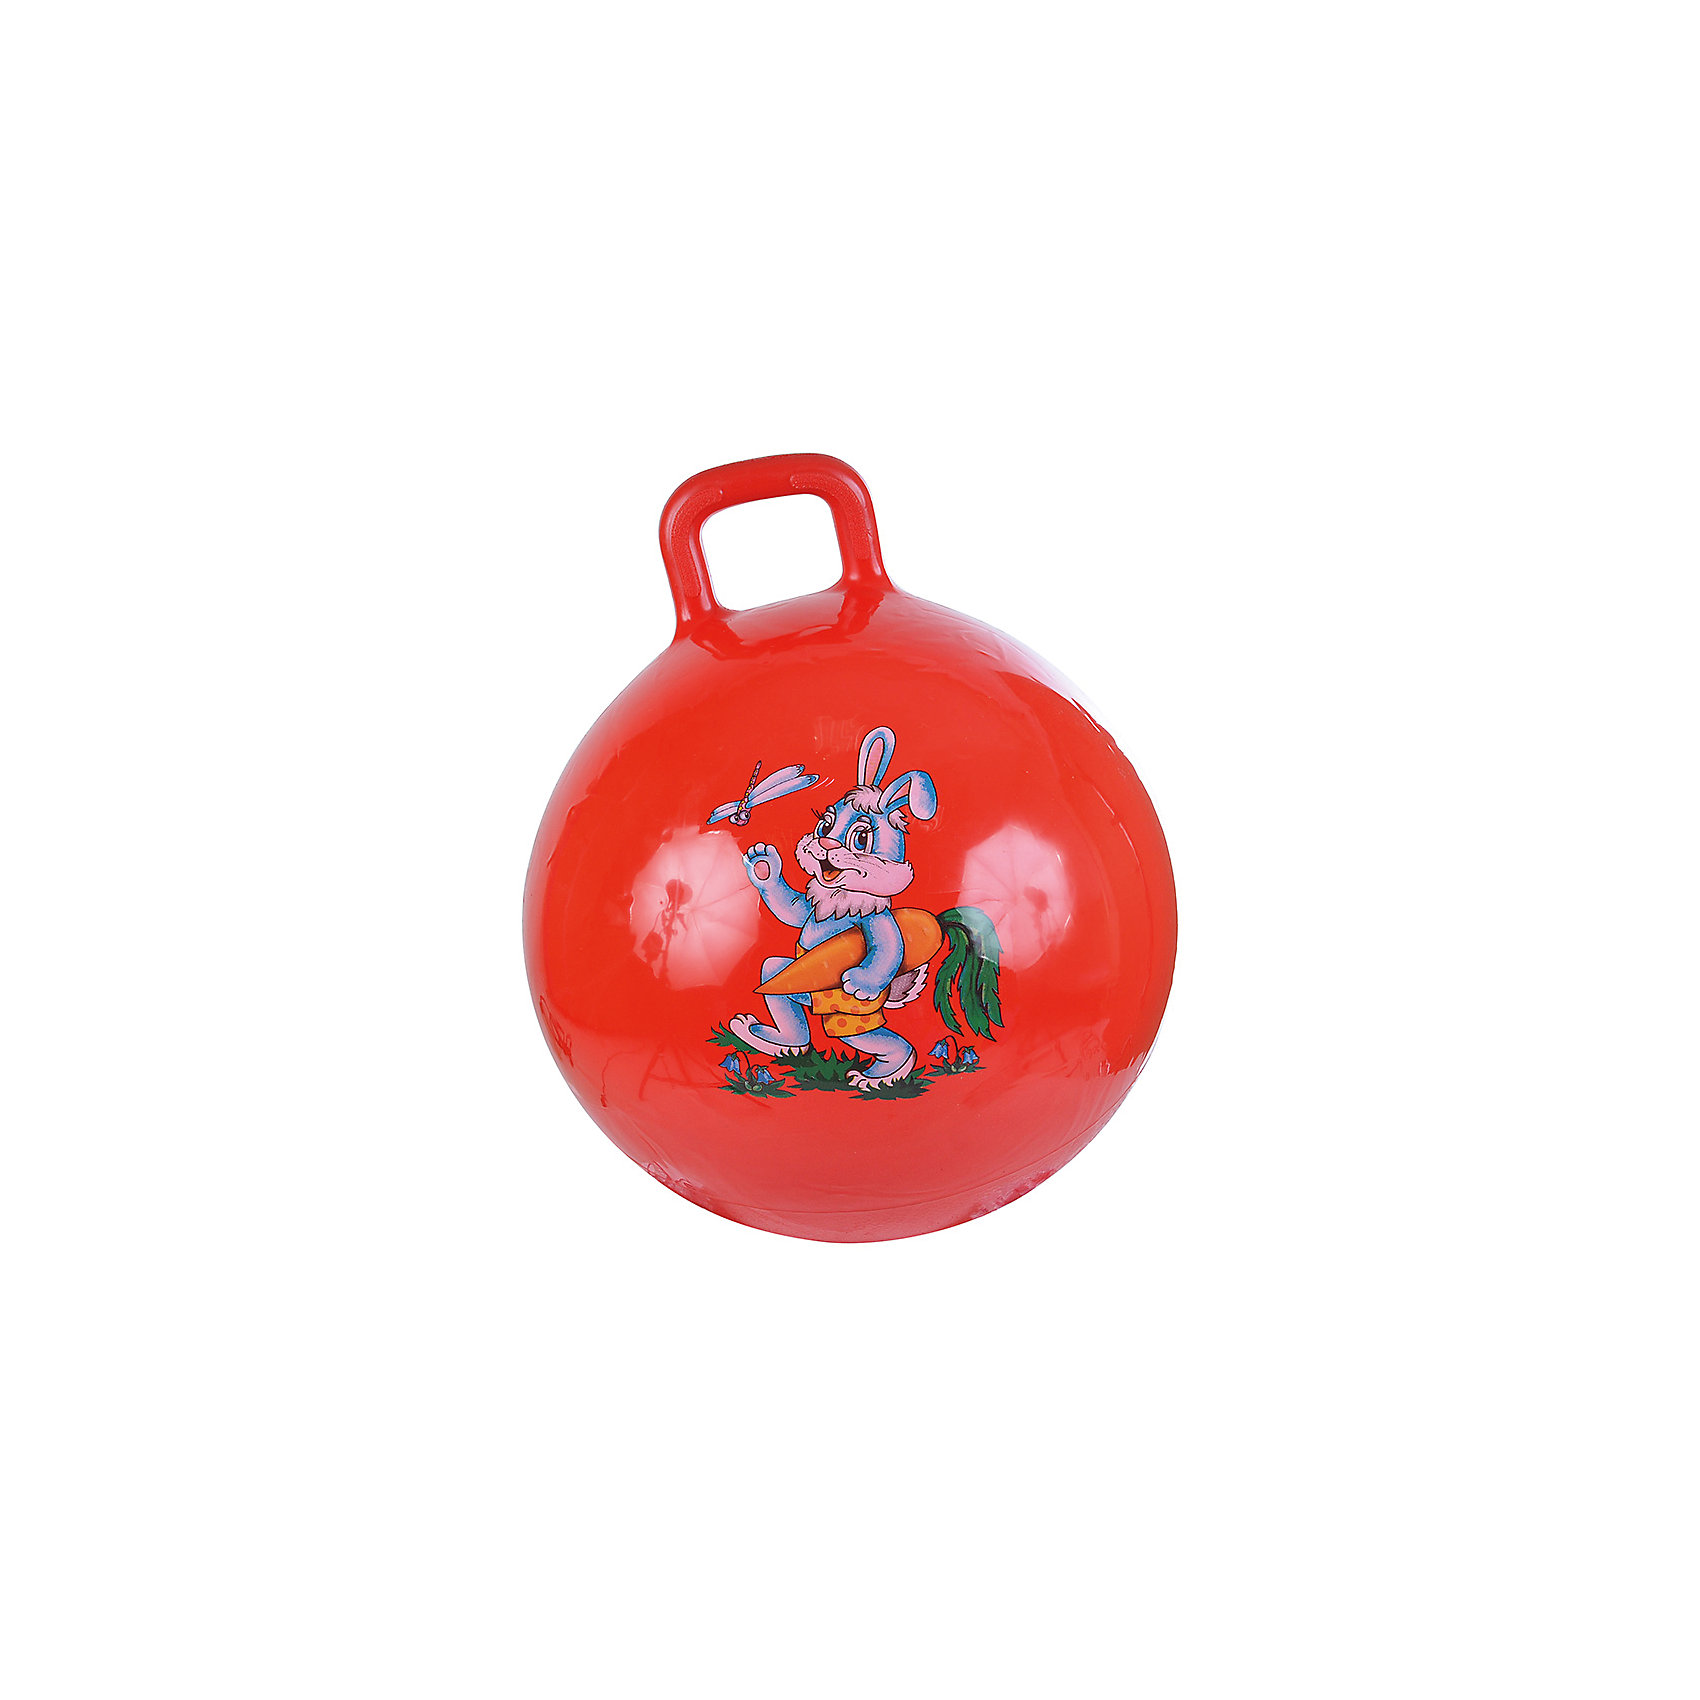 Надувной мяч Зайка, с насосом, 45см, красный, SPRING<br><br>Ширина мм: 450<br>Глубина мм: 450<br>Высота мм: 450<br>Вес г: 550<br>Возраст от месяцев: 36<br>Возраст до месяцев: 120<br>Пол: Унисекс<br>Возраст: Детский<br>SKU: 4785523